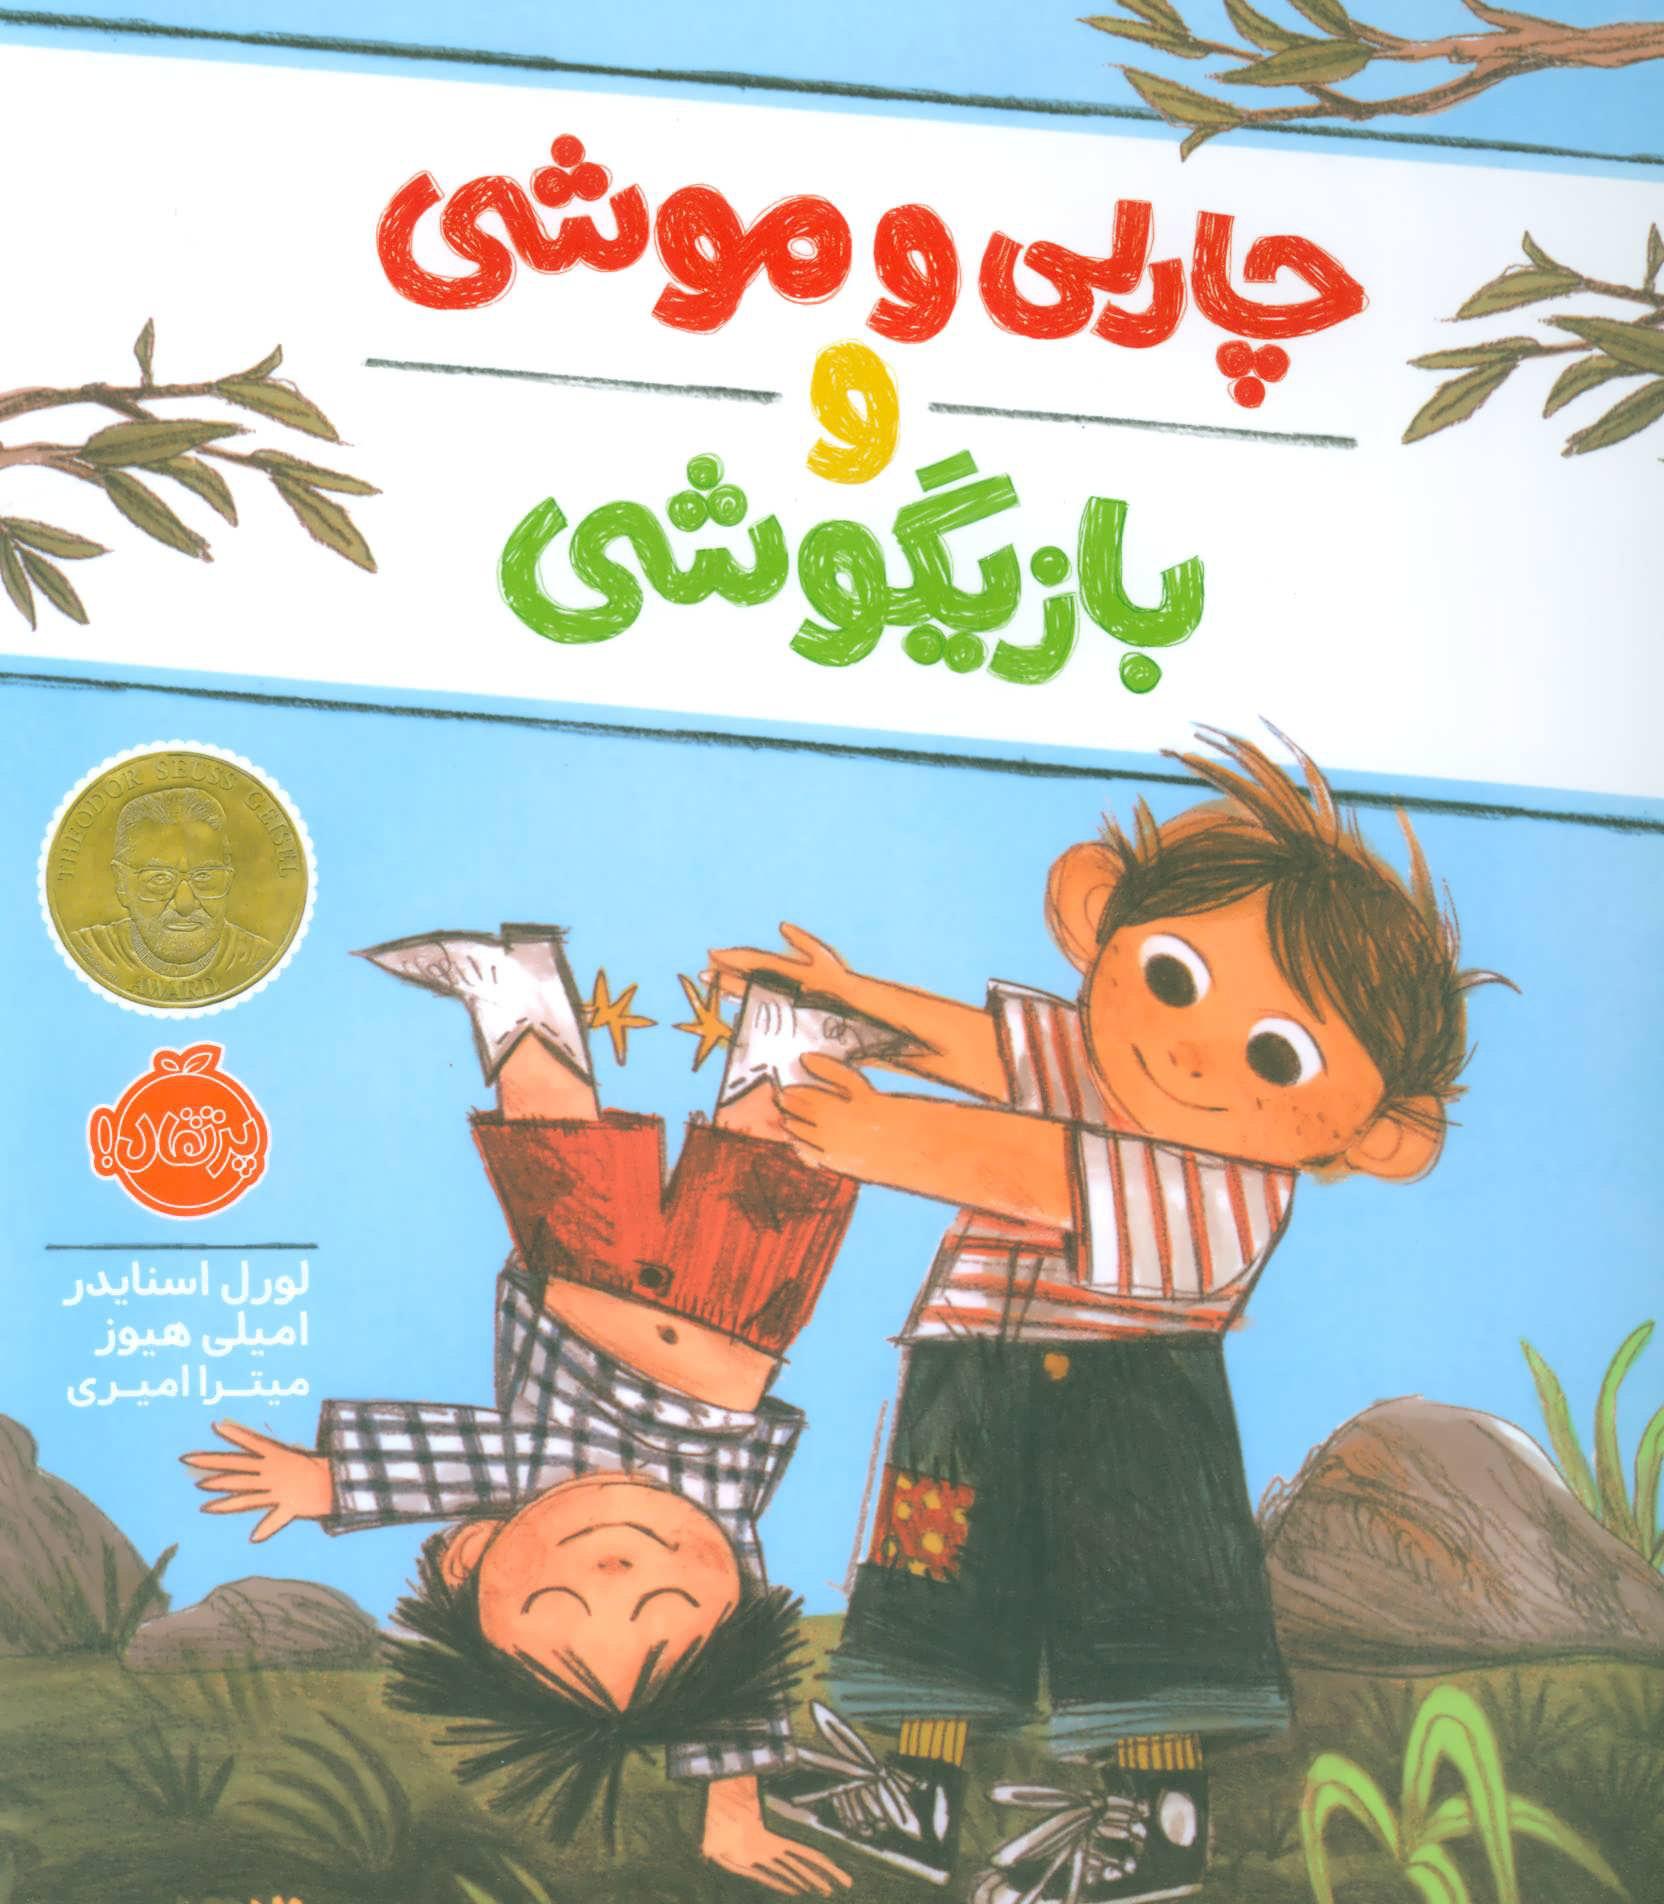 کتاب چارلی و موشی و بازیگوشی